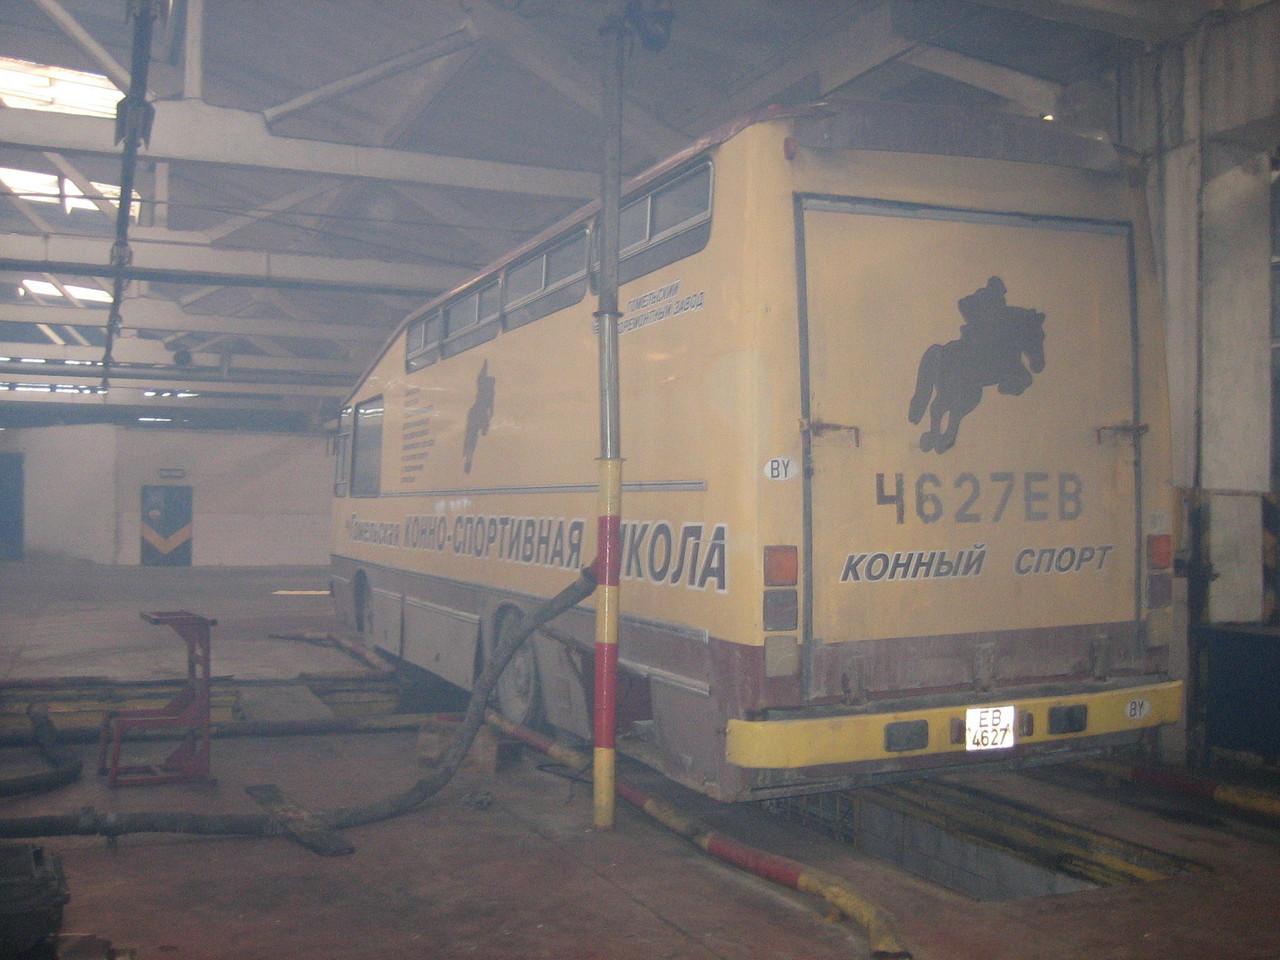 Обратите внимание на мутность кадра - это дым в ремзоне АП-7 во время утреннего запуска